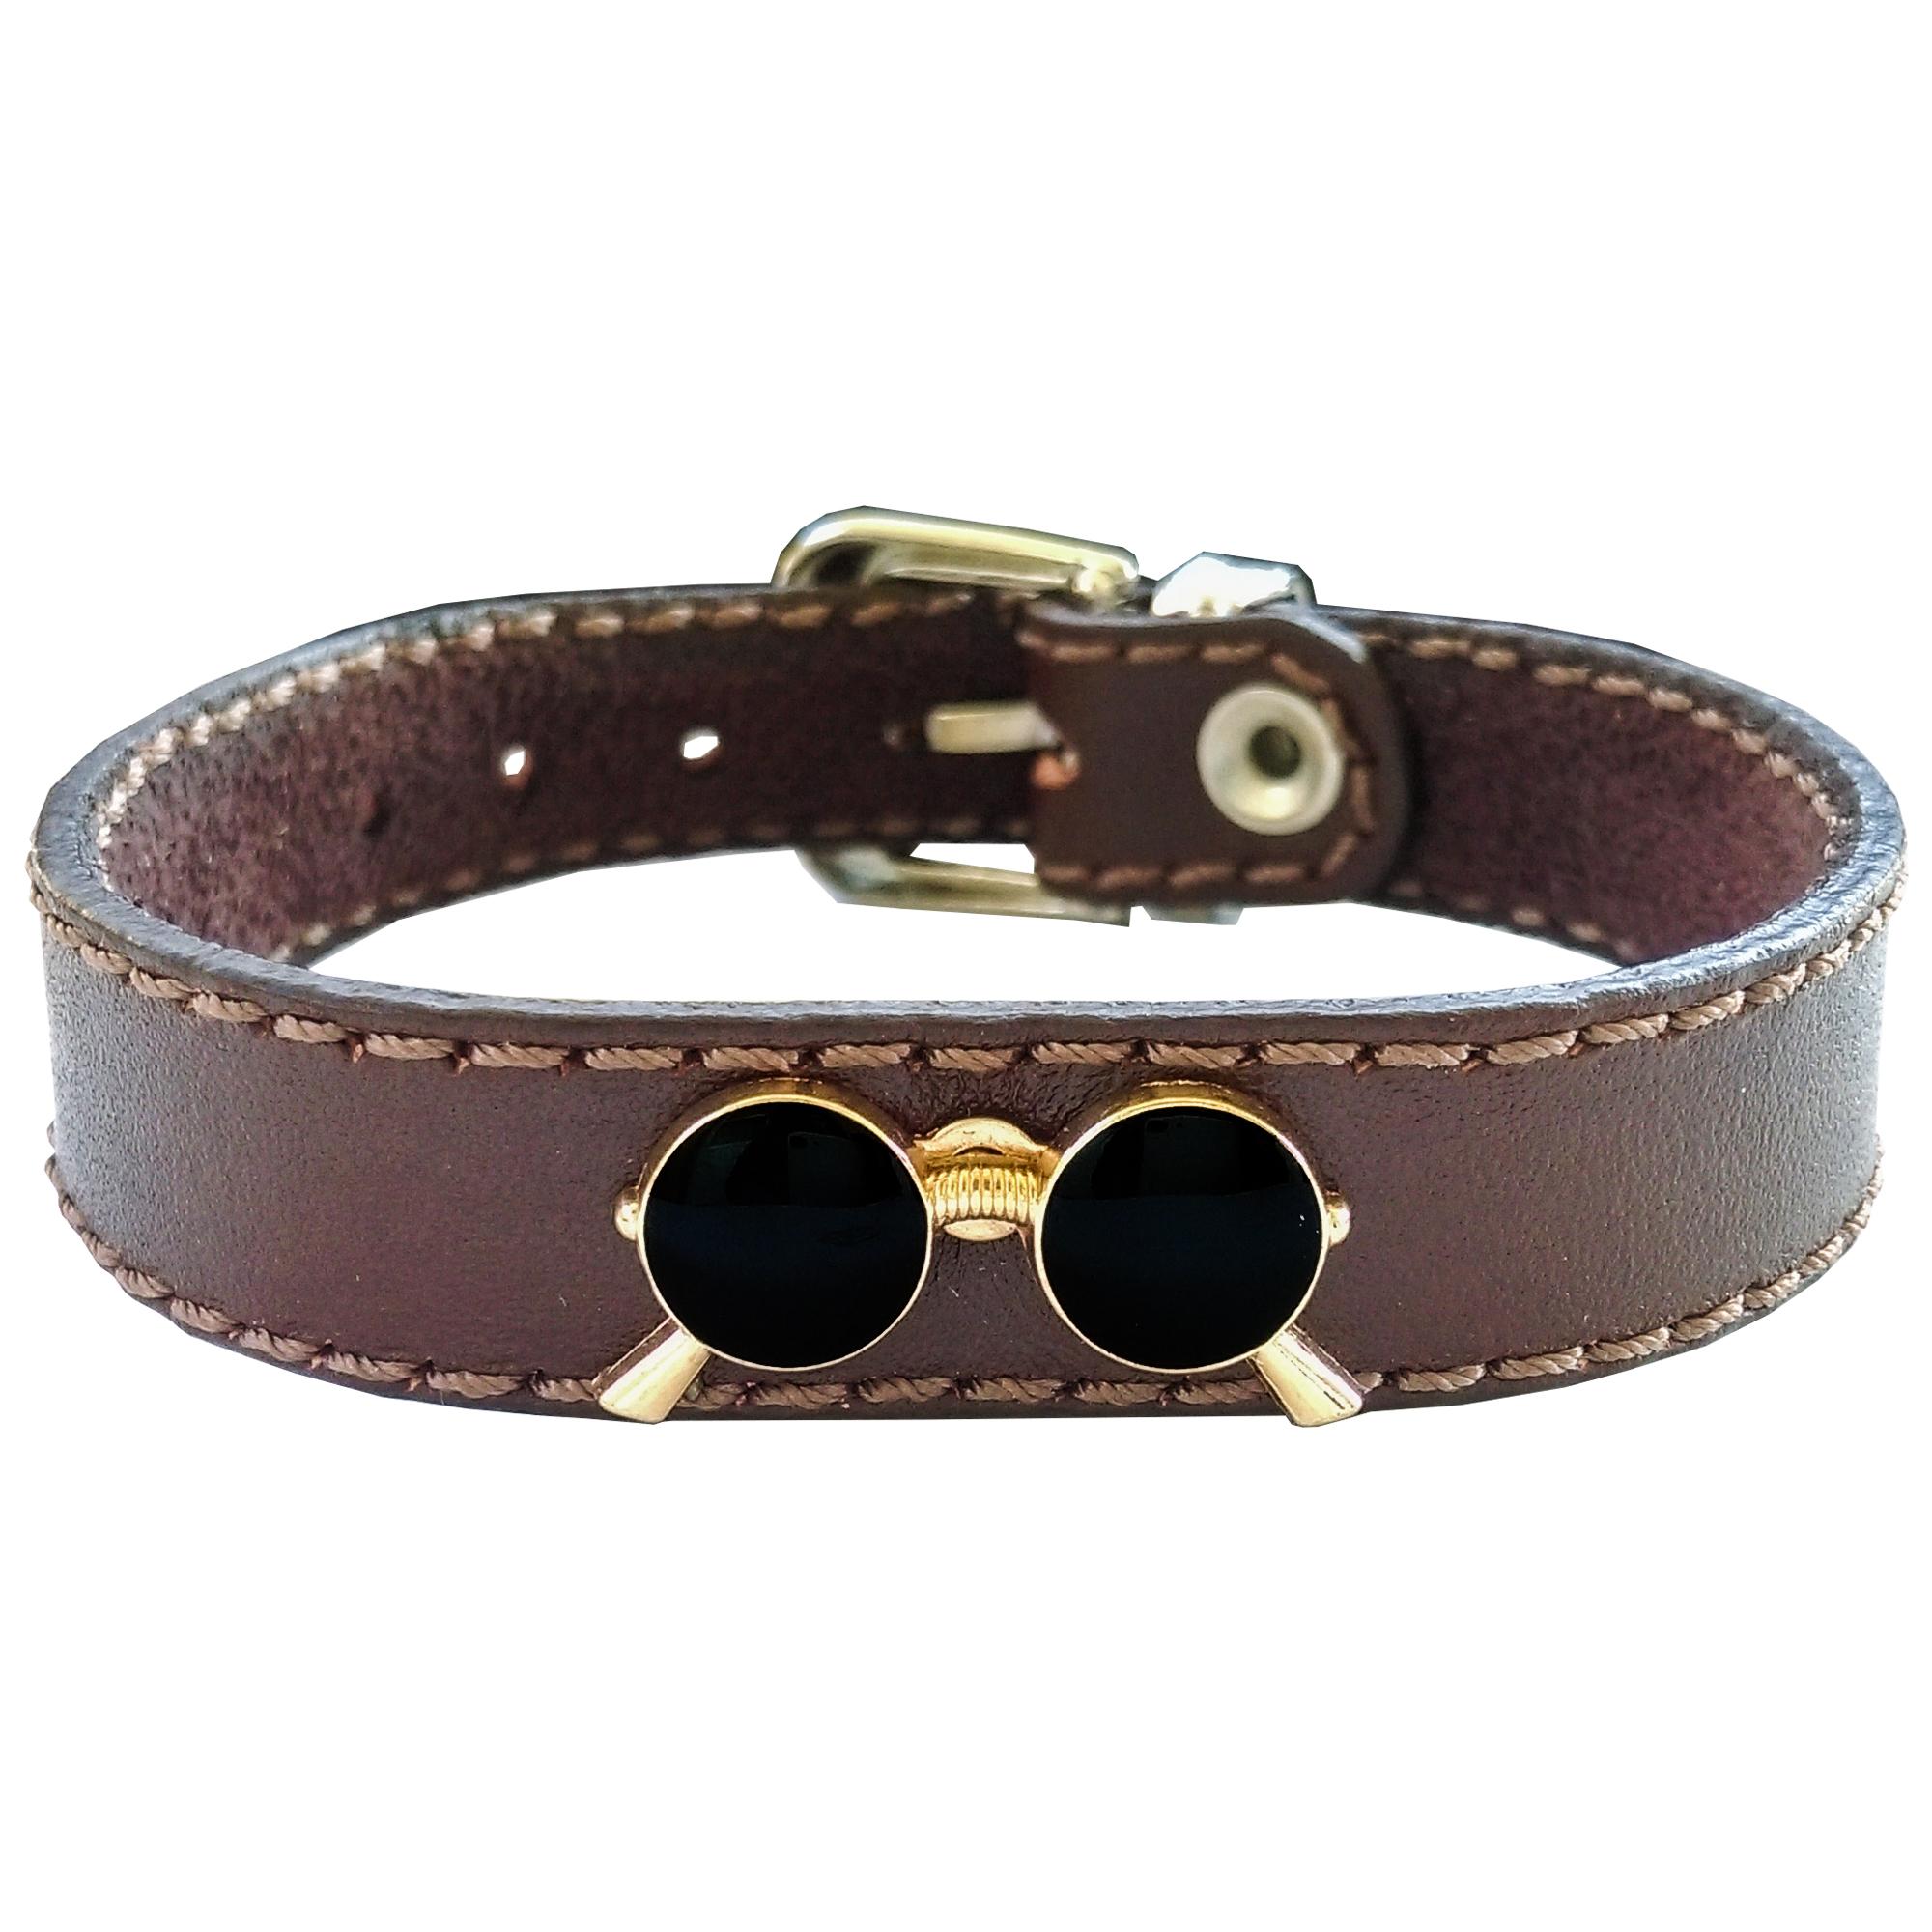 دستبند چرم وارک مدل پرهام کد rb58